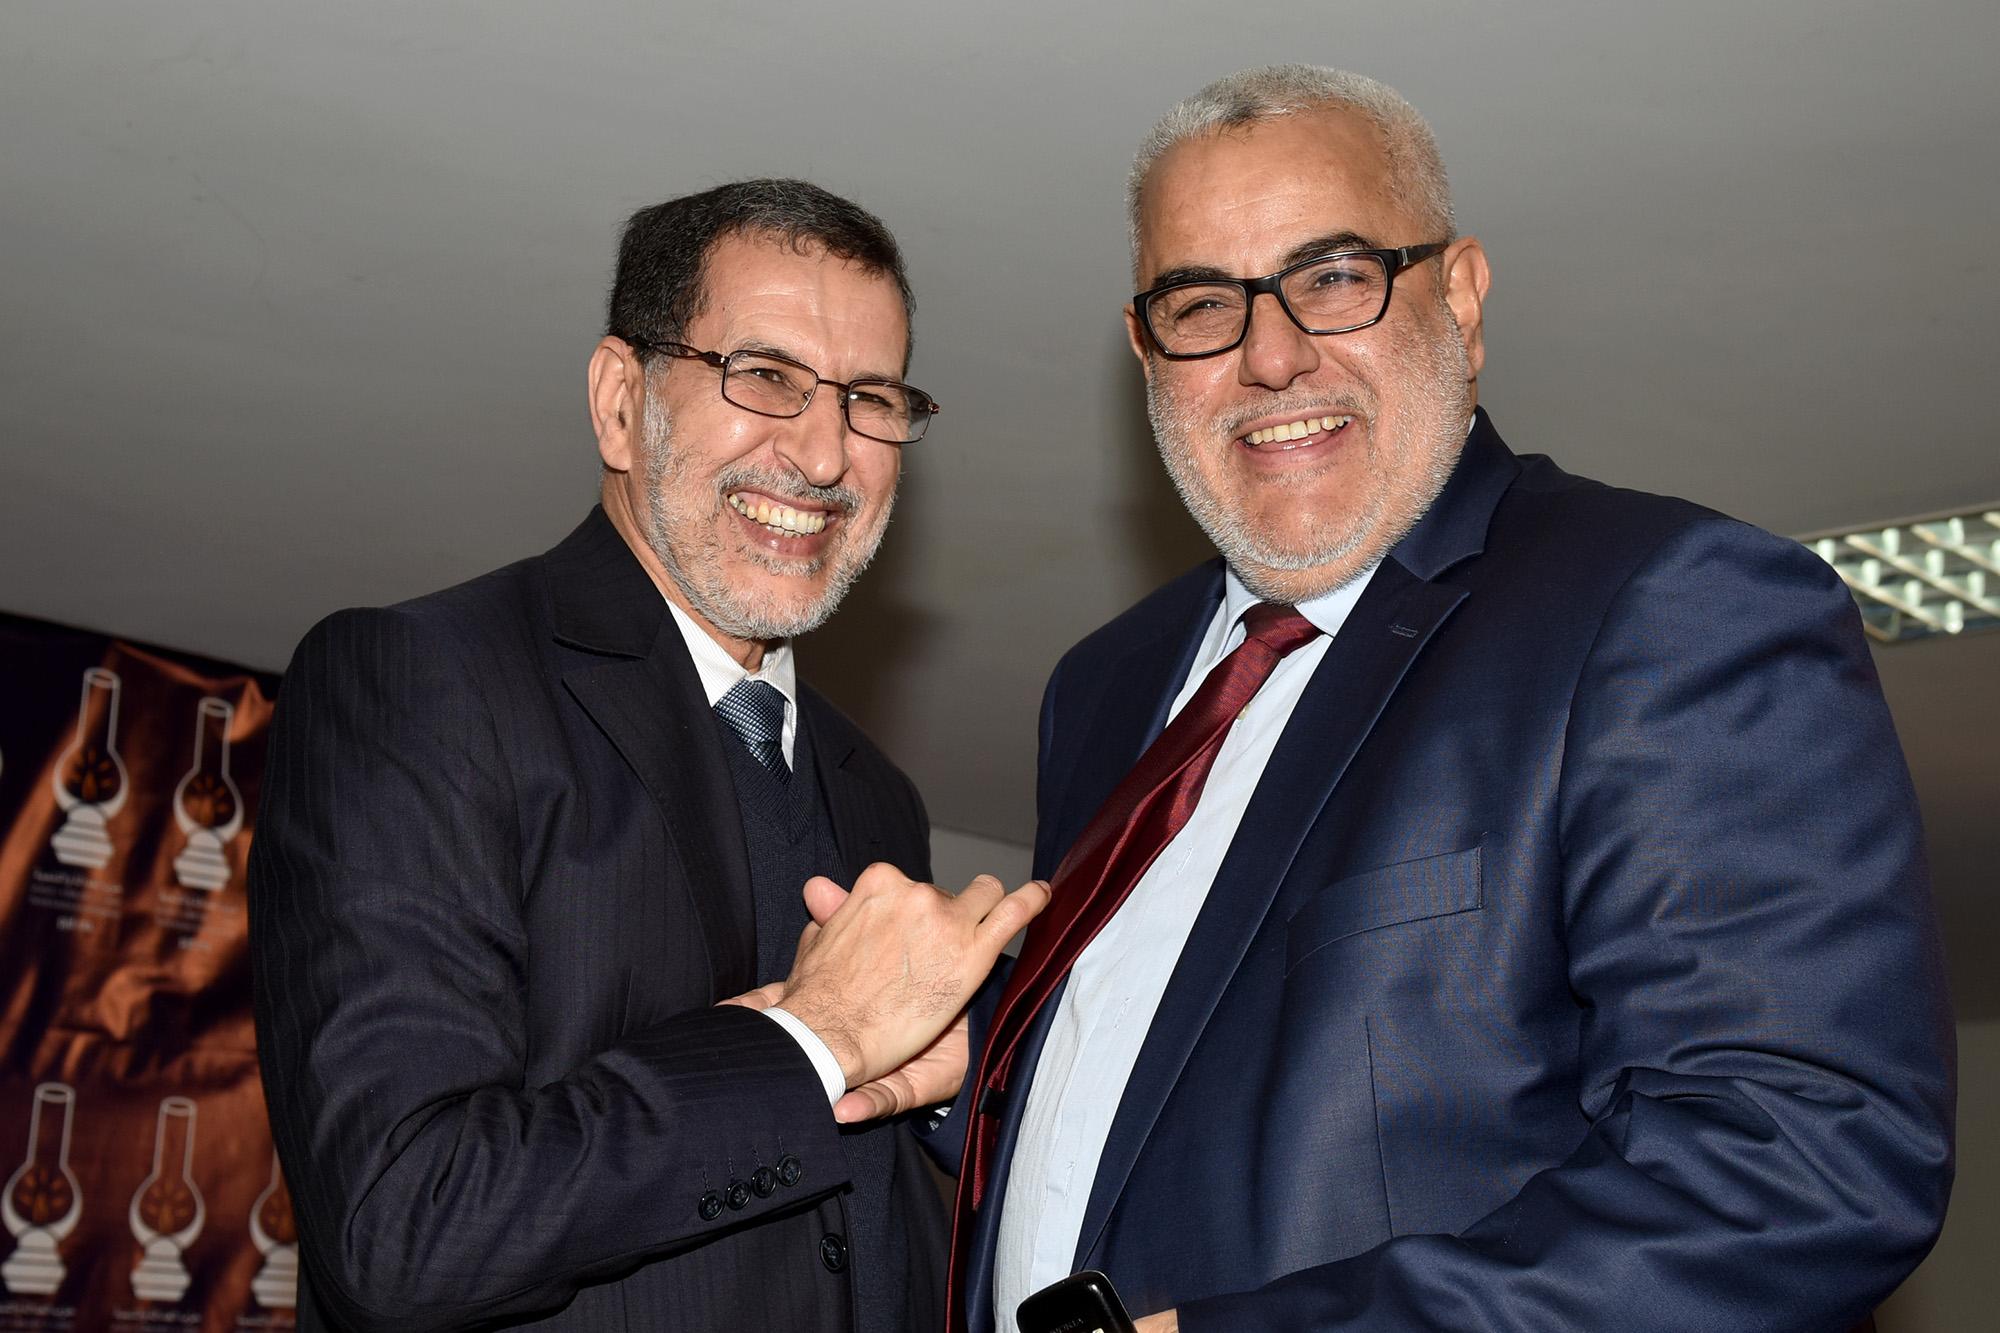 صحيفة مغربية: رئيسا وزراء المغرب الحالي والسابق ممنوعان من دخول الإمارات